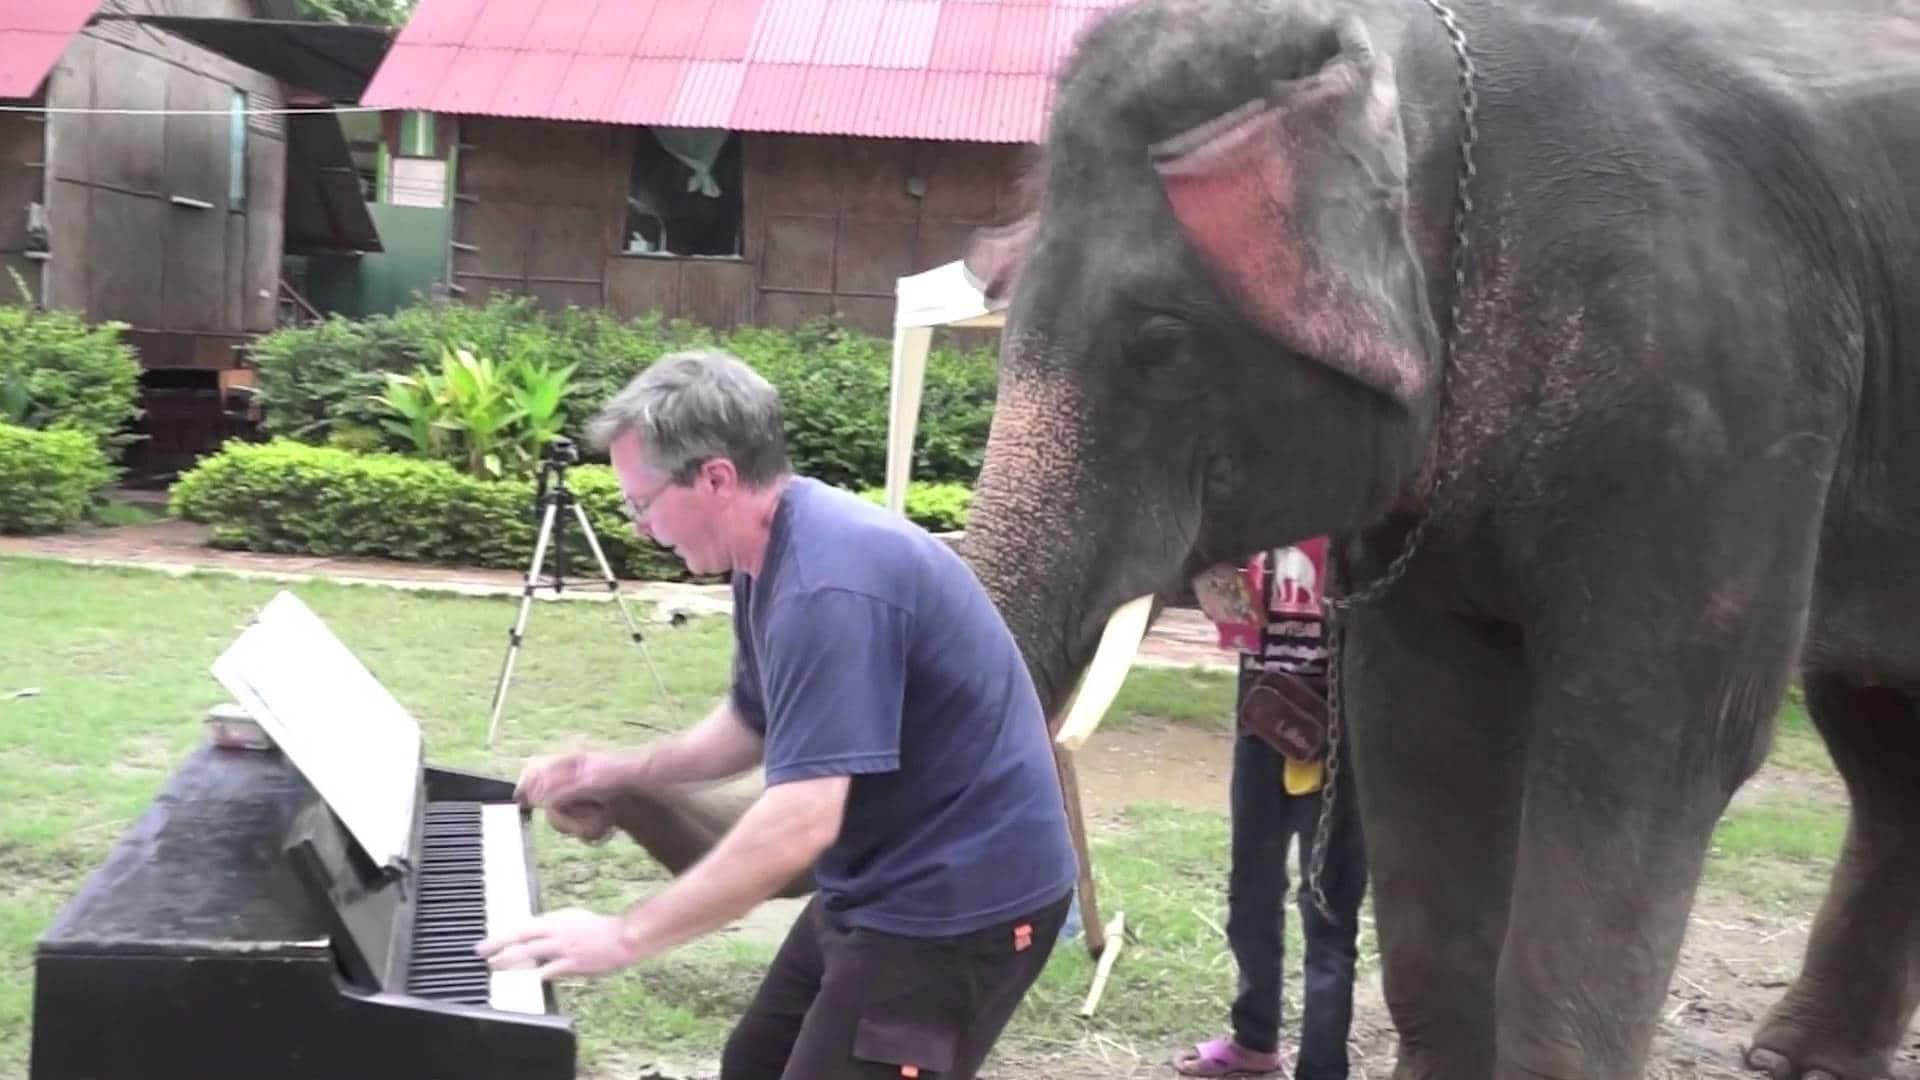 Ecco Peter, l'elefante che suona il pianoforte [Video]